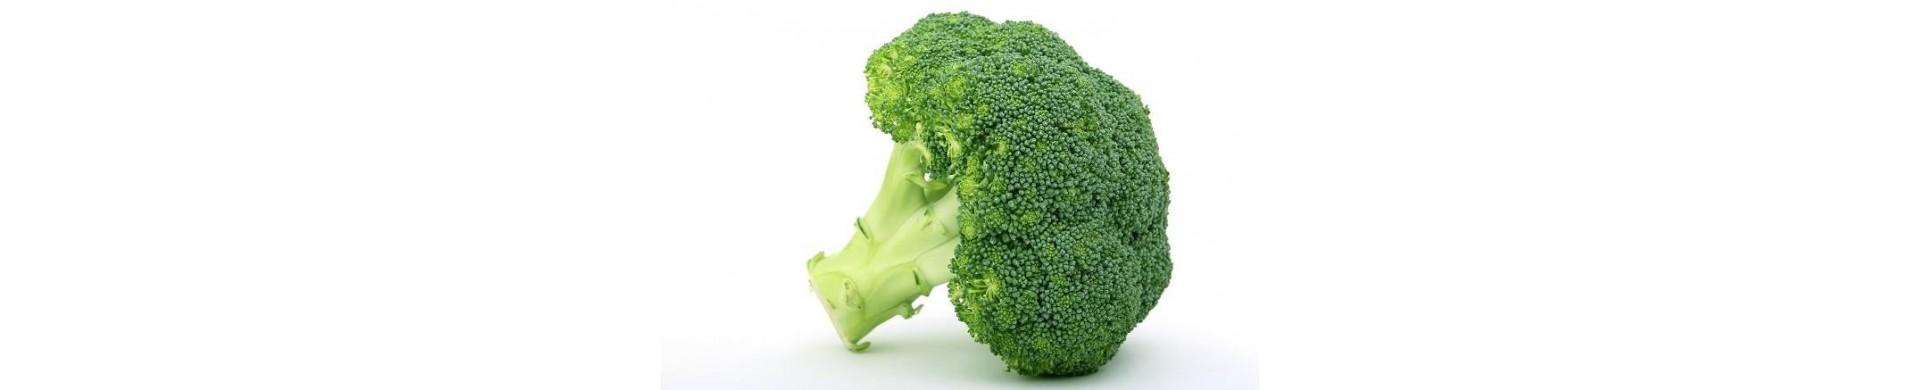 Plantas de brocoli - Comprar brocoli planta